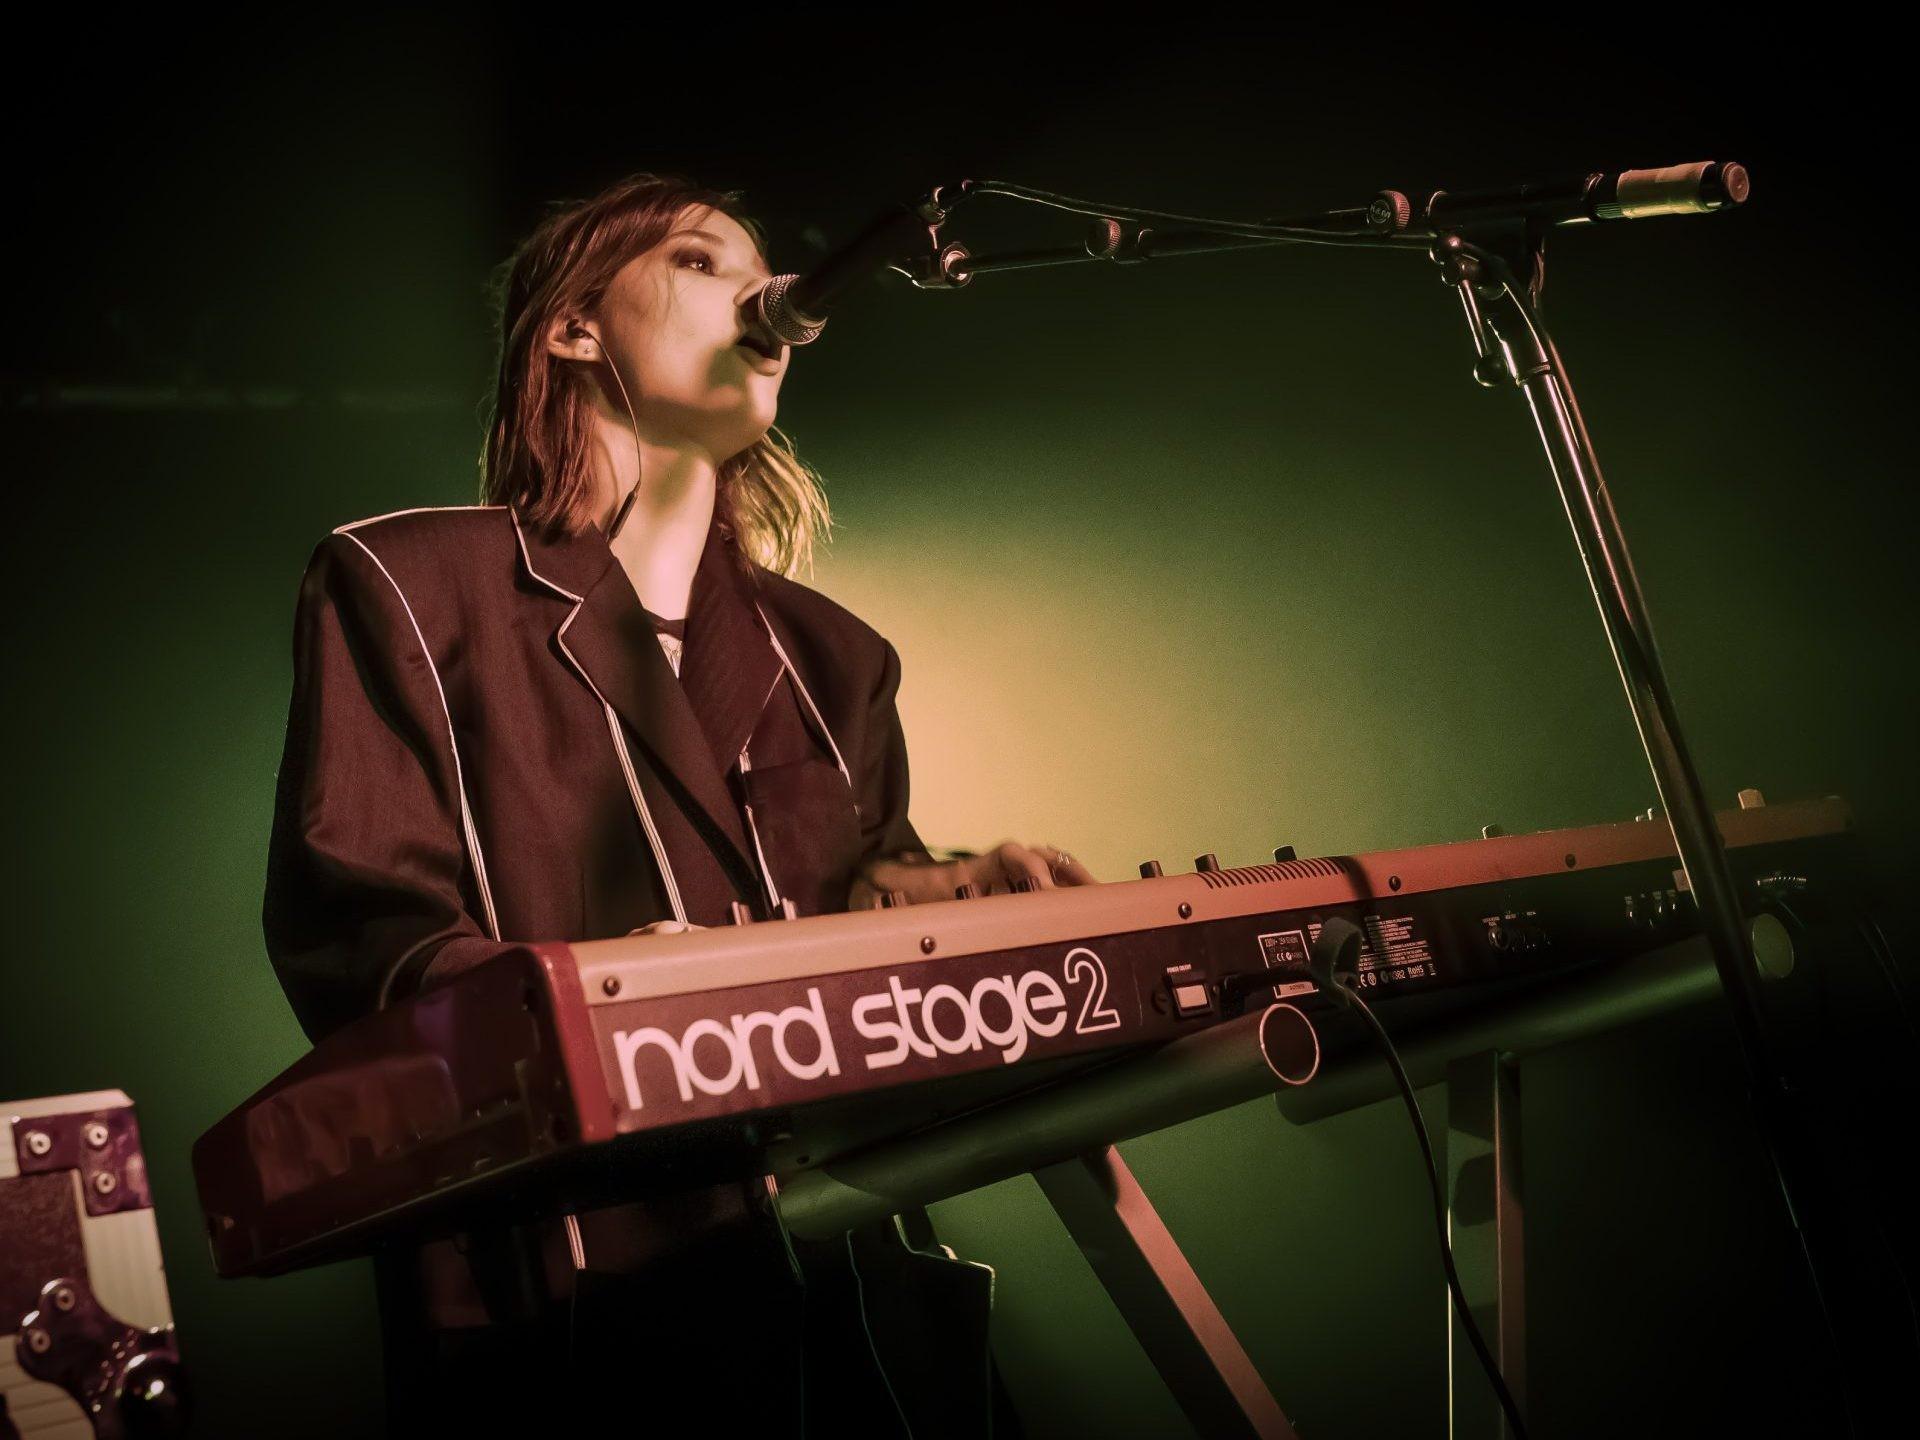 person singing playing keyboard